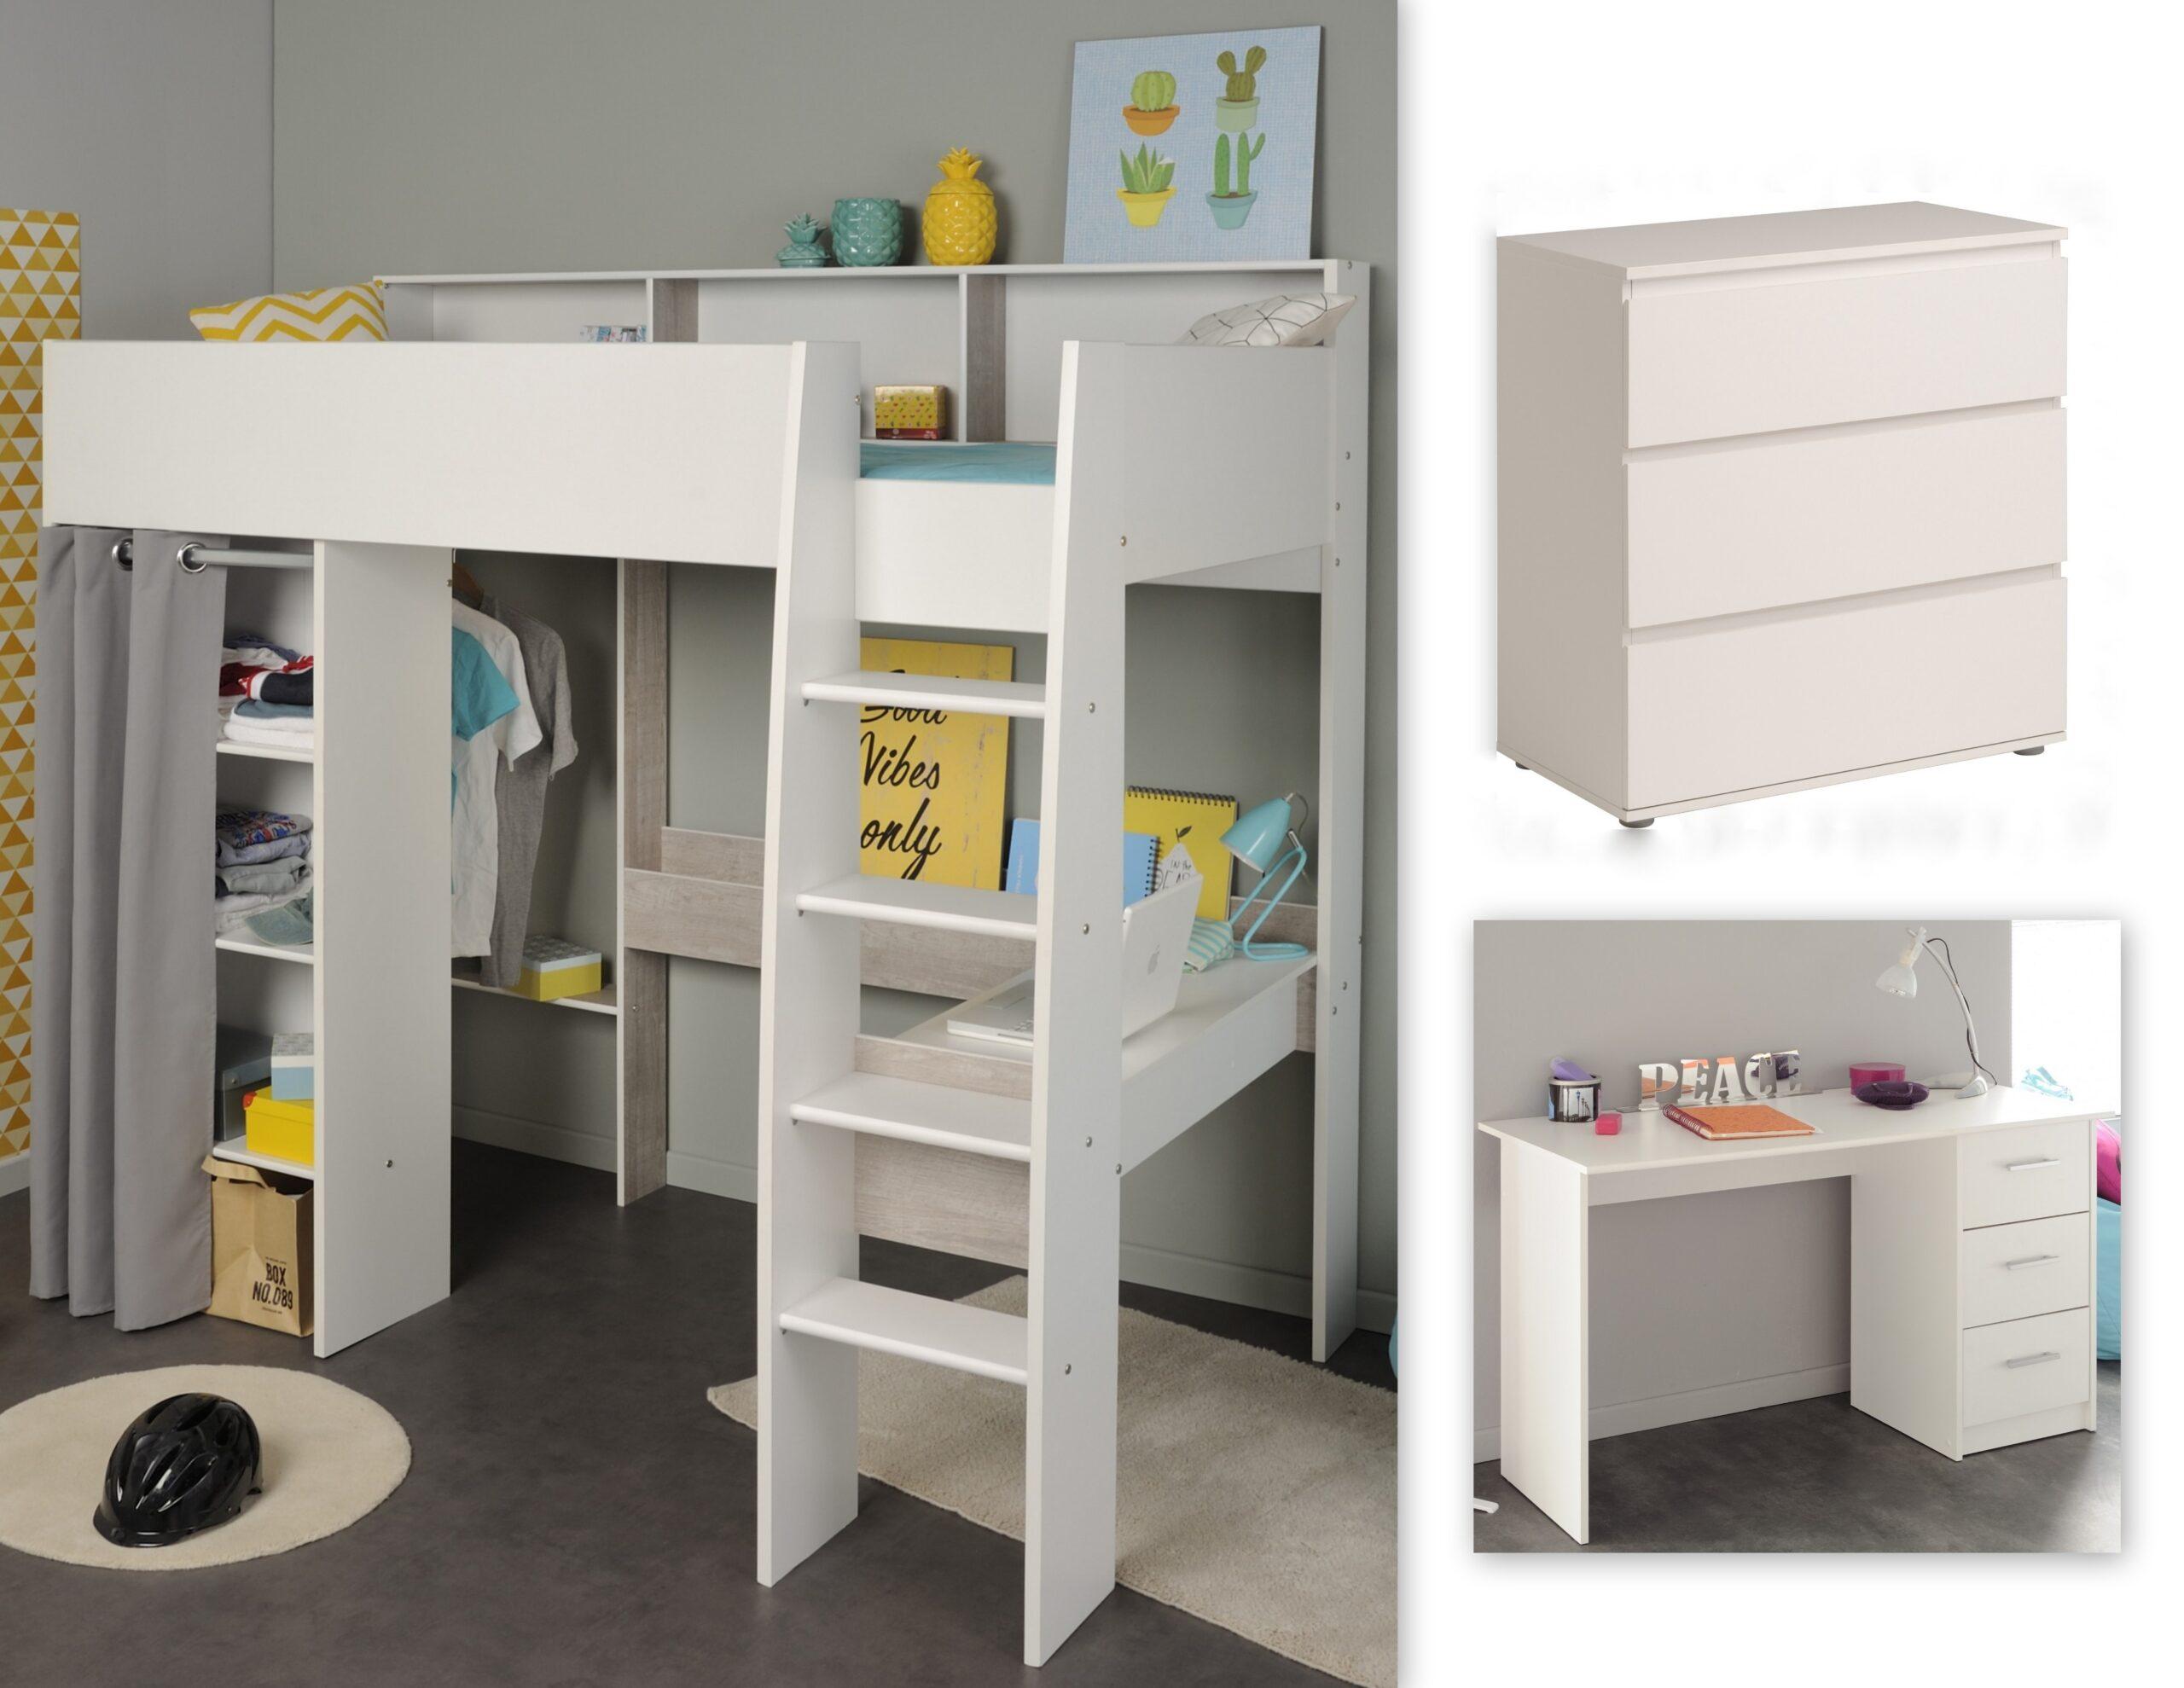 Full Size of Kinderzimmer Hochbett Set 3 Tlg Inkl 90x200 Regal Sofa Regale Weiß Kinderzimmer Kinderzimmer Hochbett